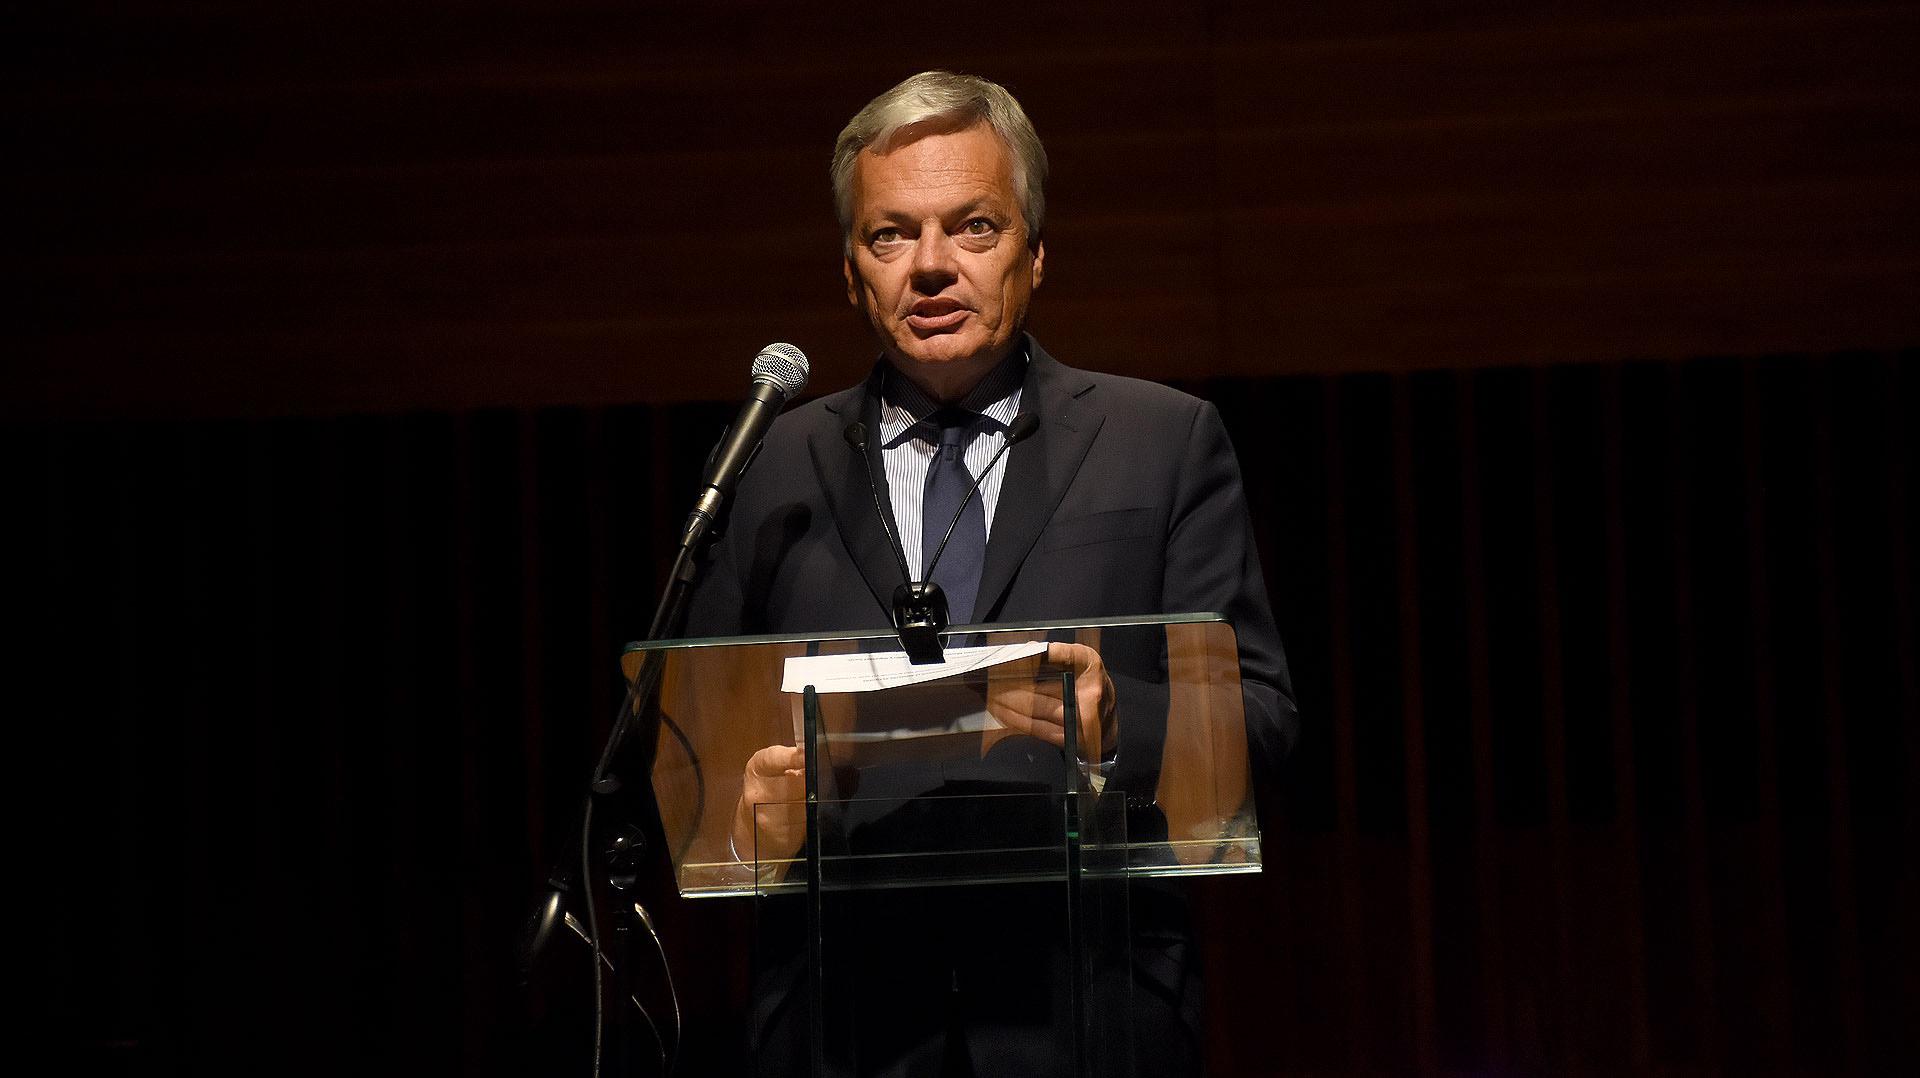 El discurso de Didier Reynders, viceprimer ministro Federal y ministro de Relaciones Exteriores y Asuntos Europeos